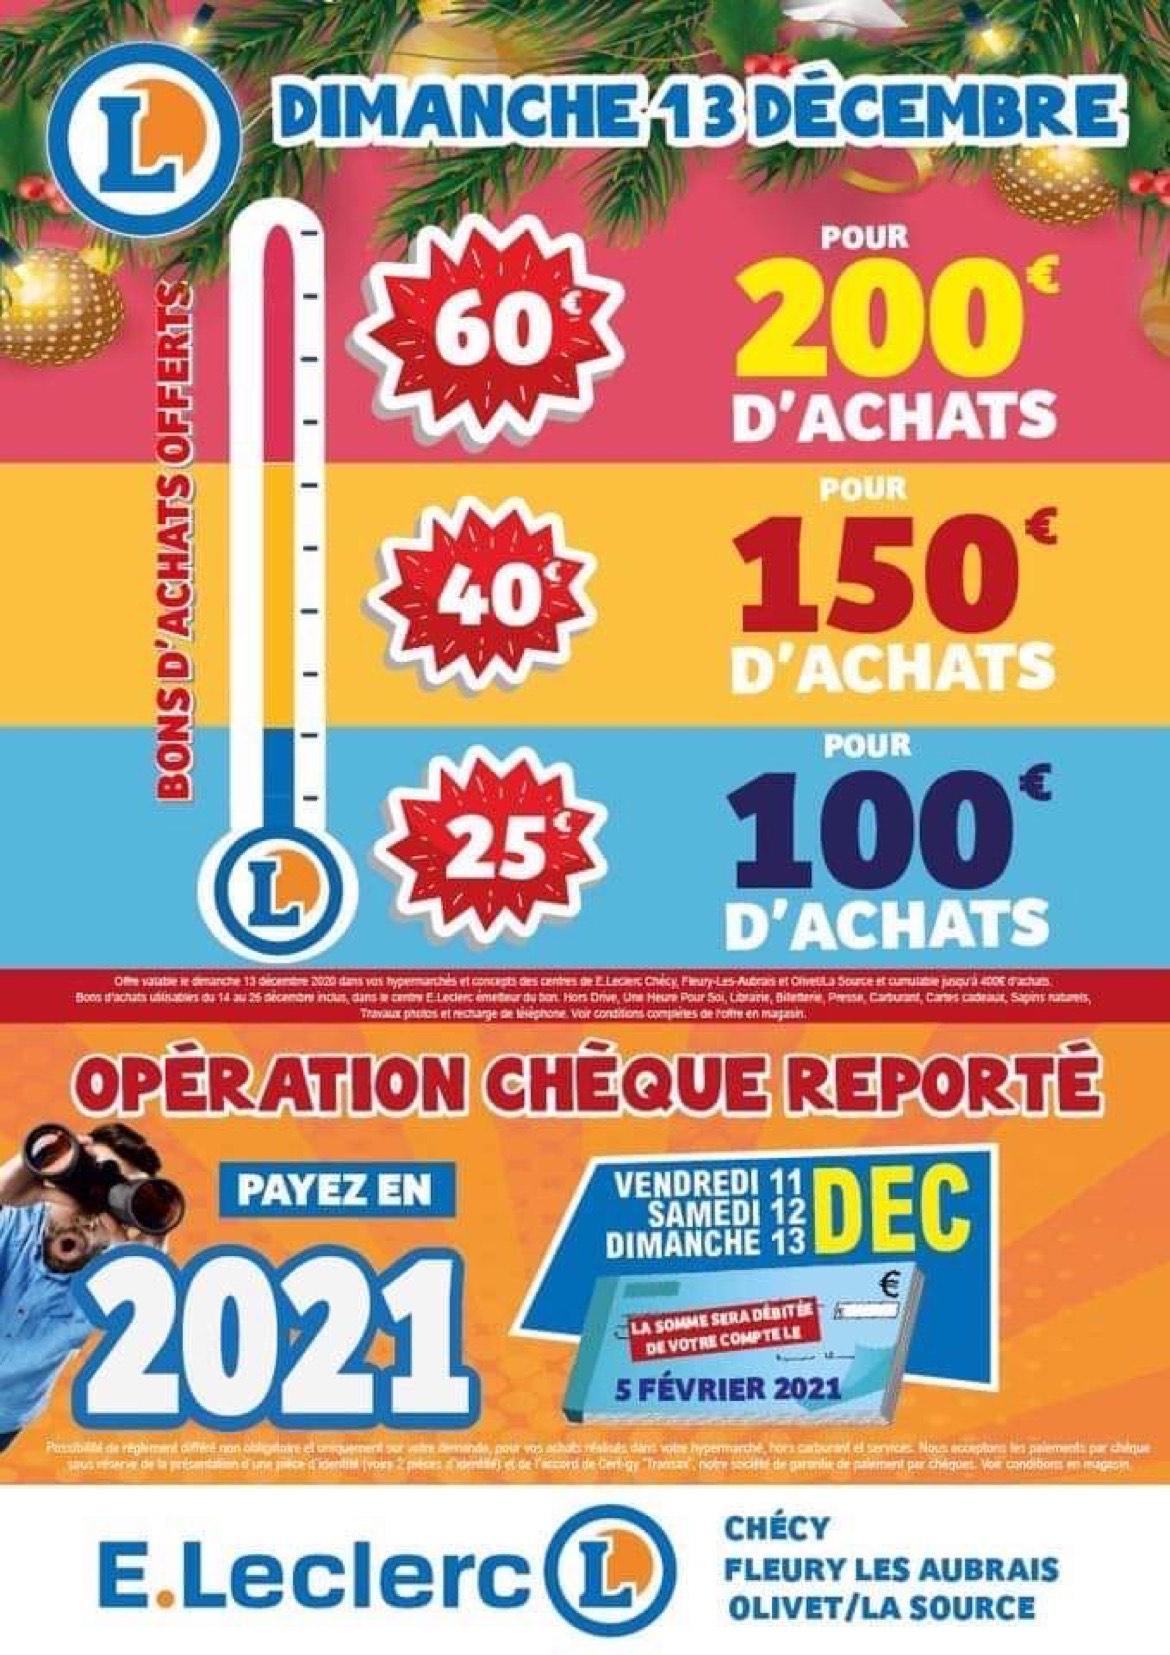 25 dès 100€ d'achat, 40€ dès 150€ et 60€ dès 200€ en bon d'achat sur tout les magasins - Orléans (45)